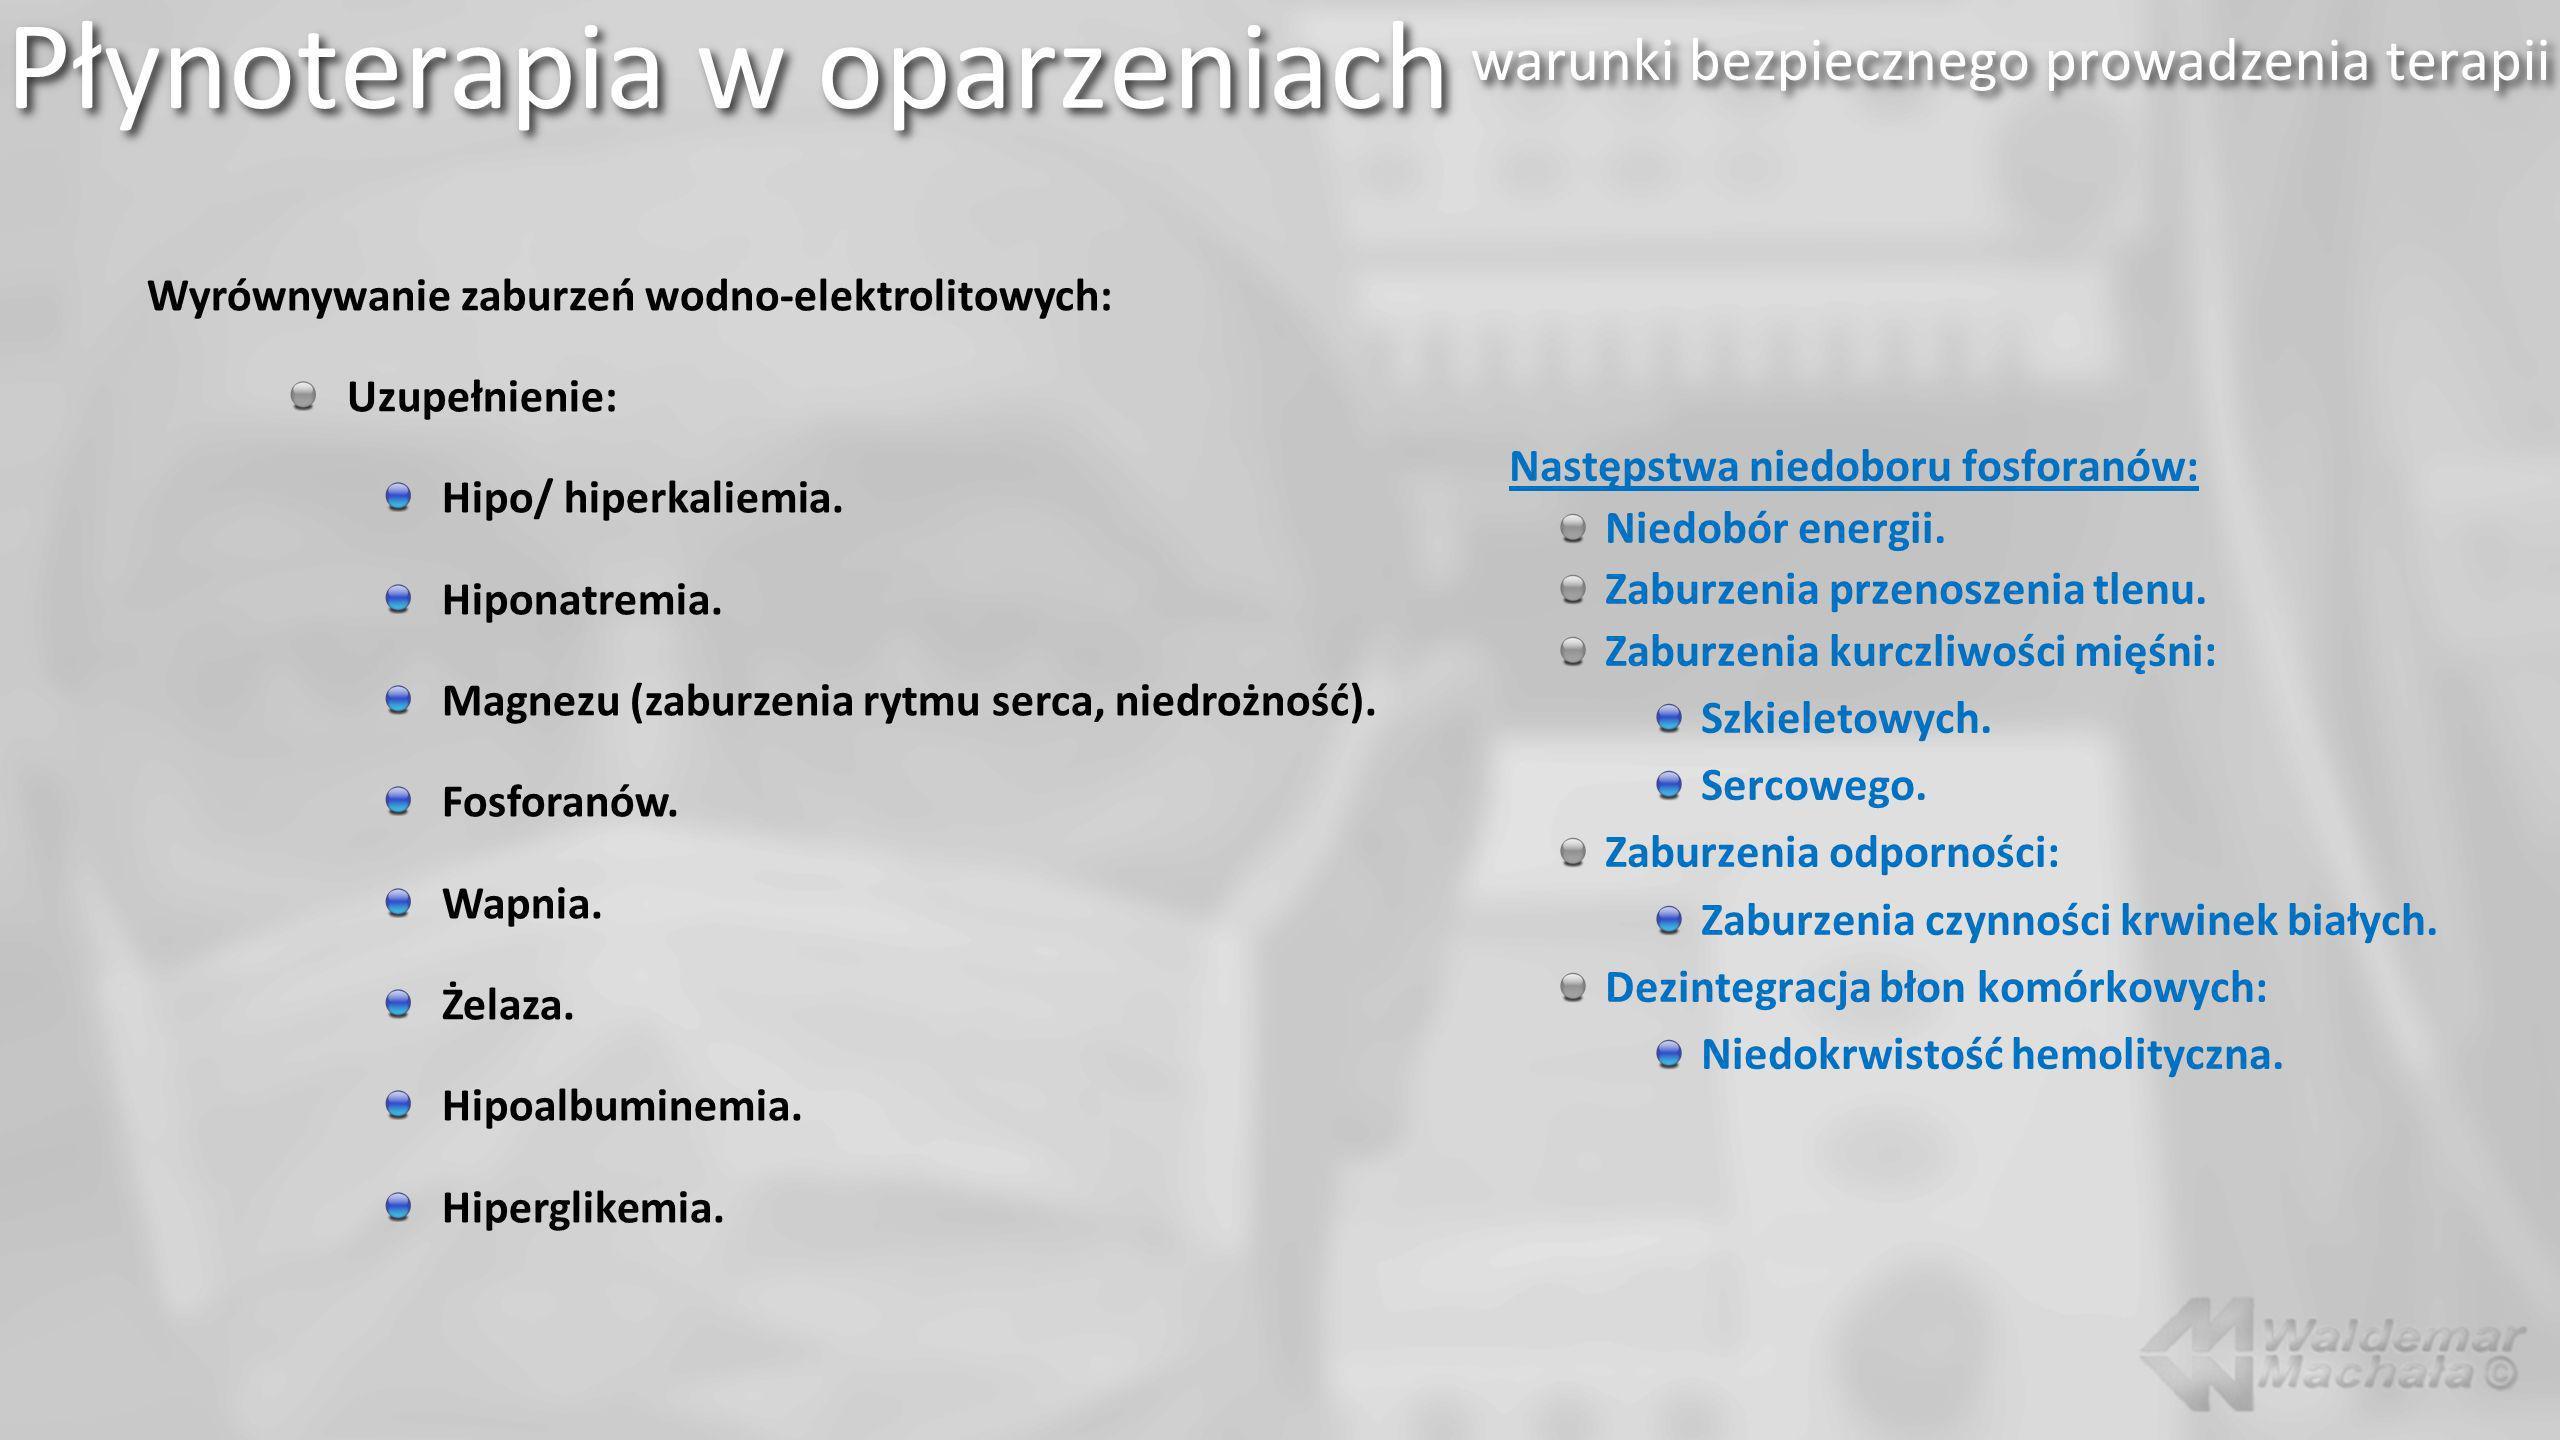 Płynoterapia w oparzeniach warunki bezpiecznego prowadzenia terapii Wyrównywanie zaburzeń wodno-elektrolitowych: Uzupełnienie: Hipo/ hiperkaliemia. Hi